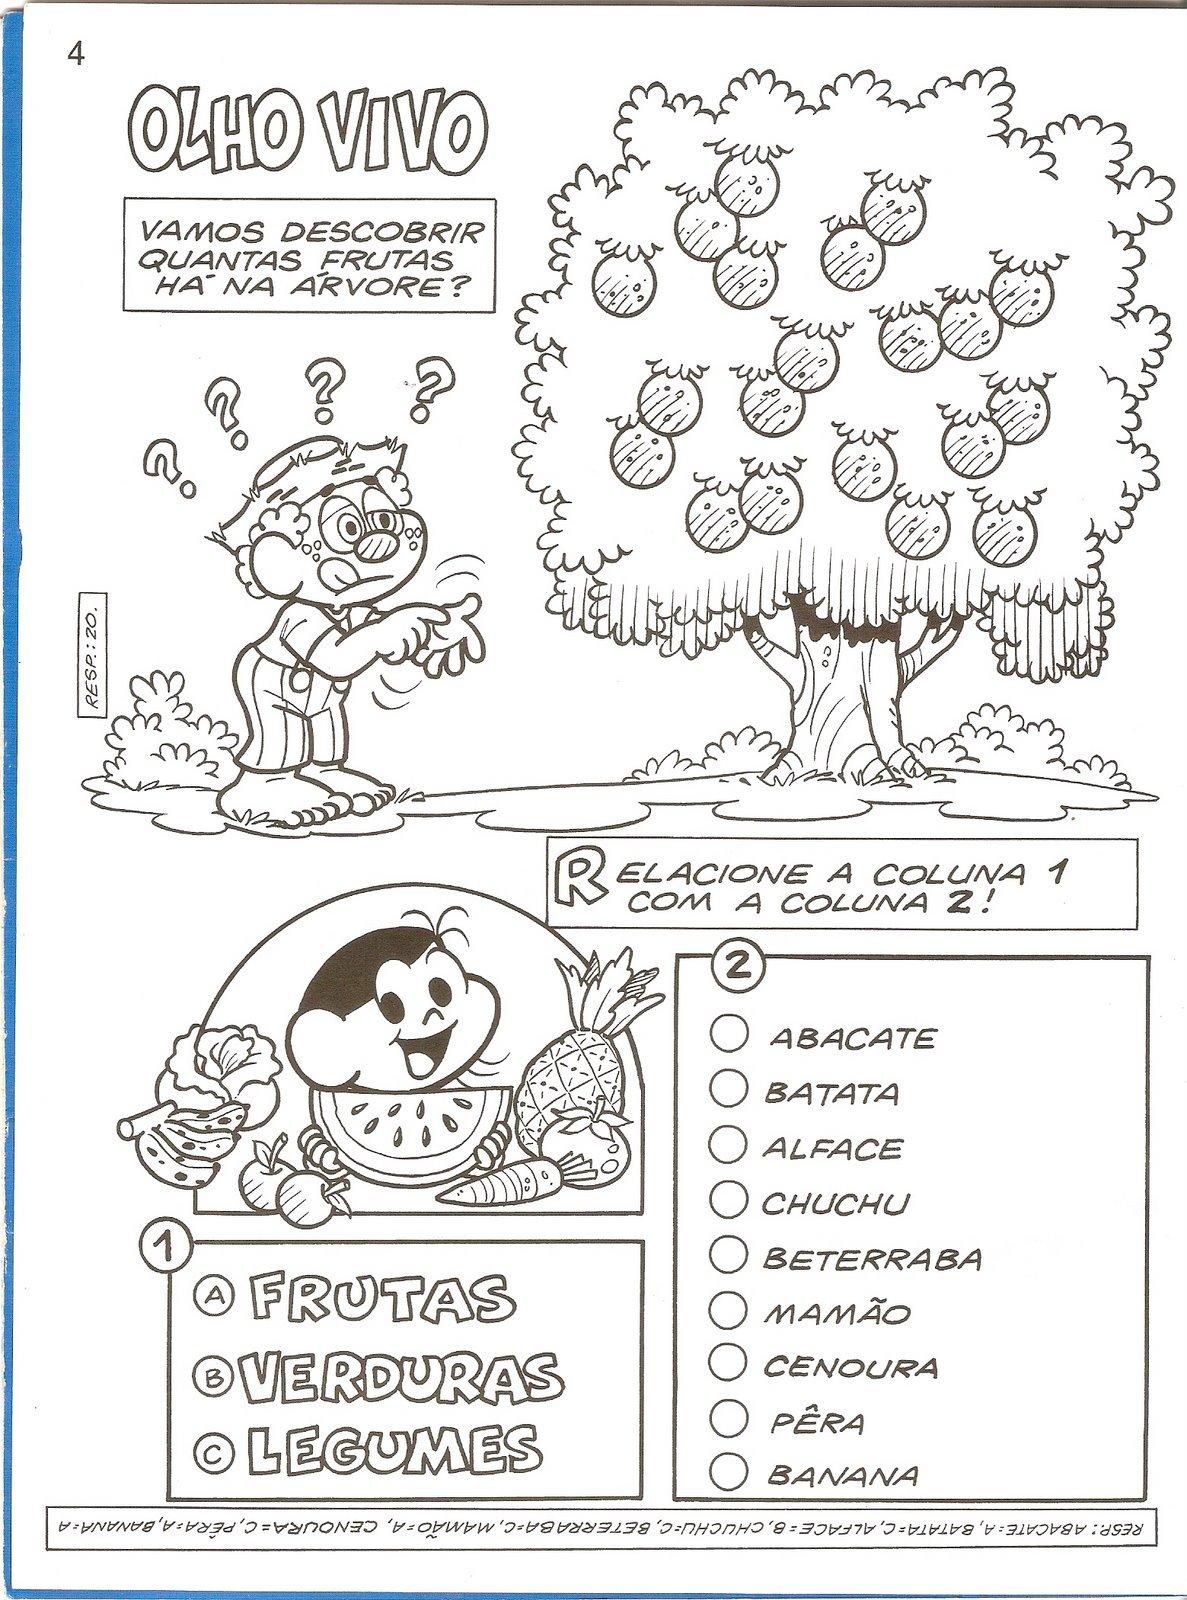 atividades-alimentação-saudavel-exercicios-educação-infantil-ensino-fundamental (79)